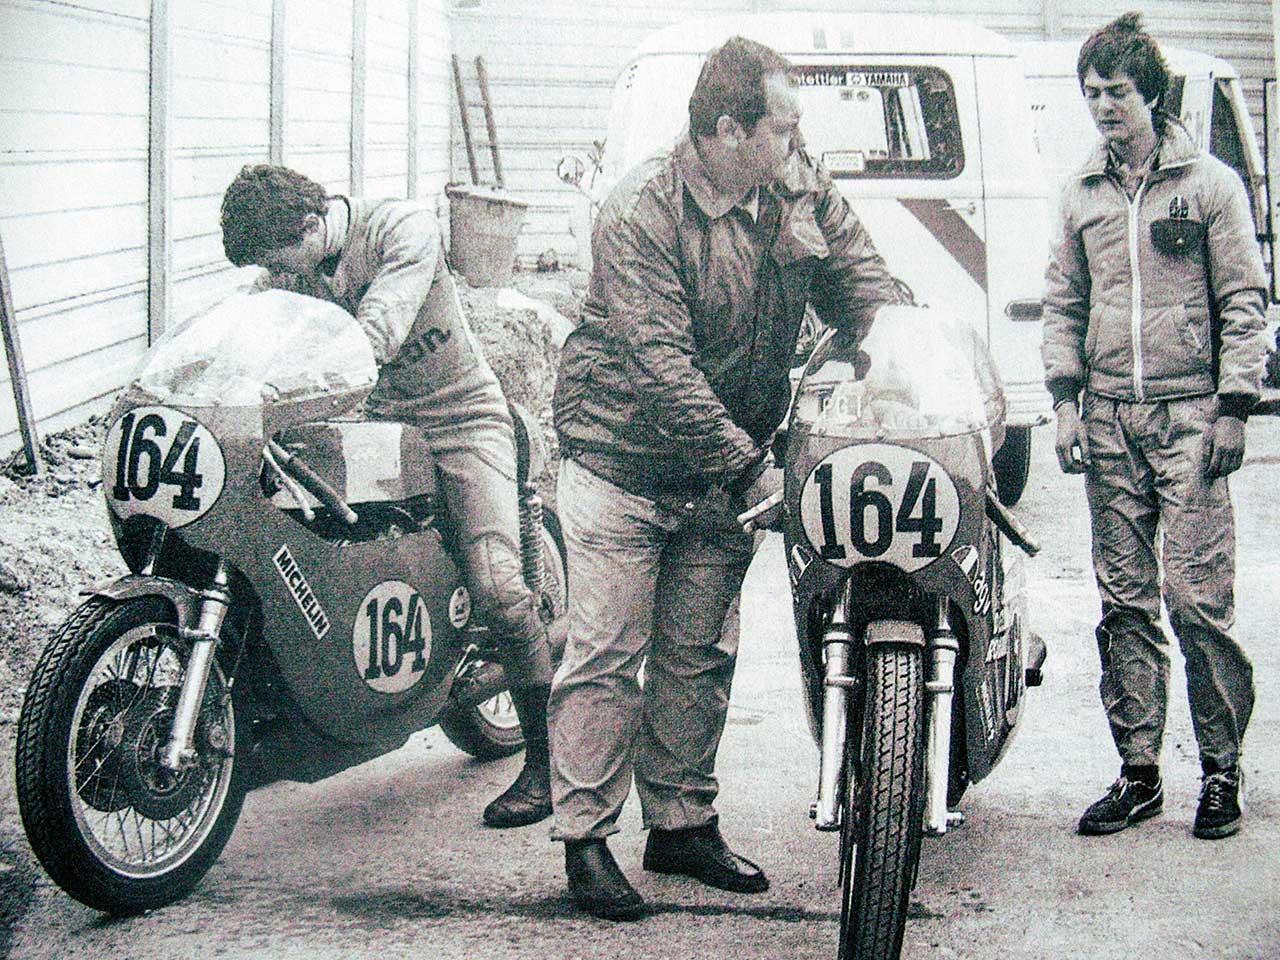 Paton_Storia-Anni70_Virginio-Ferrari-Giuseppe-e-Roberto-Pattoni-con-le-Paton-BM3_Imola-1975